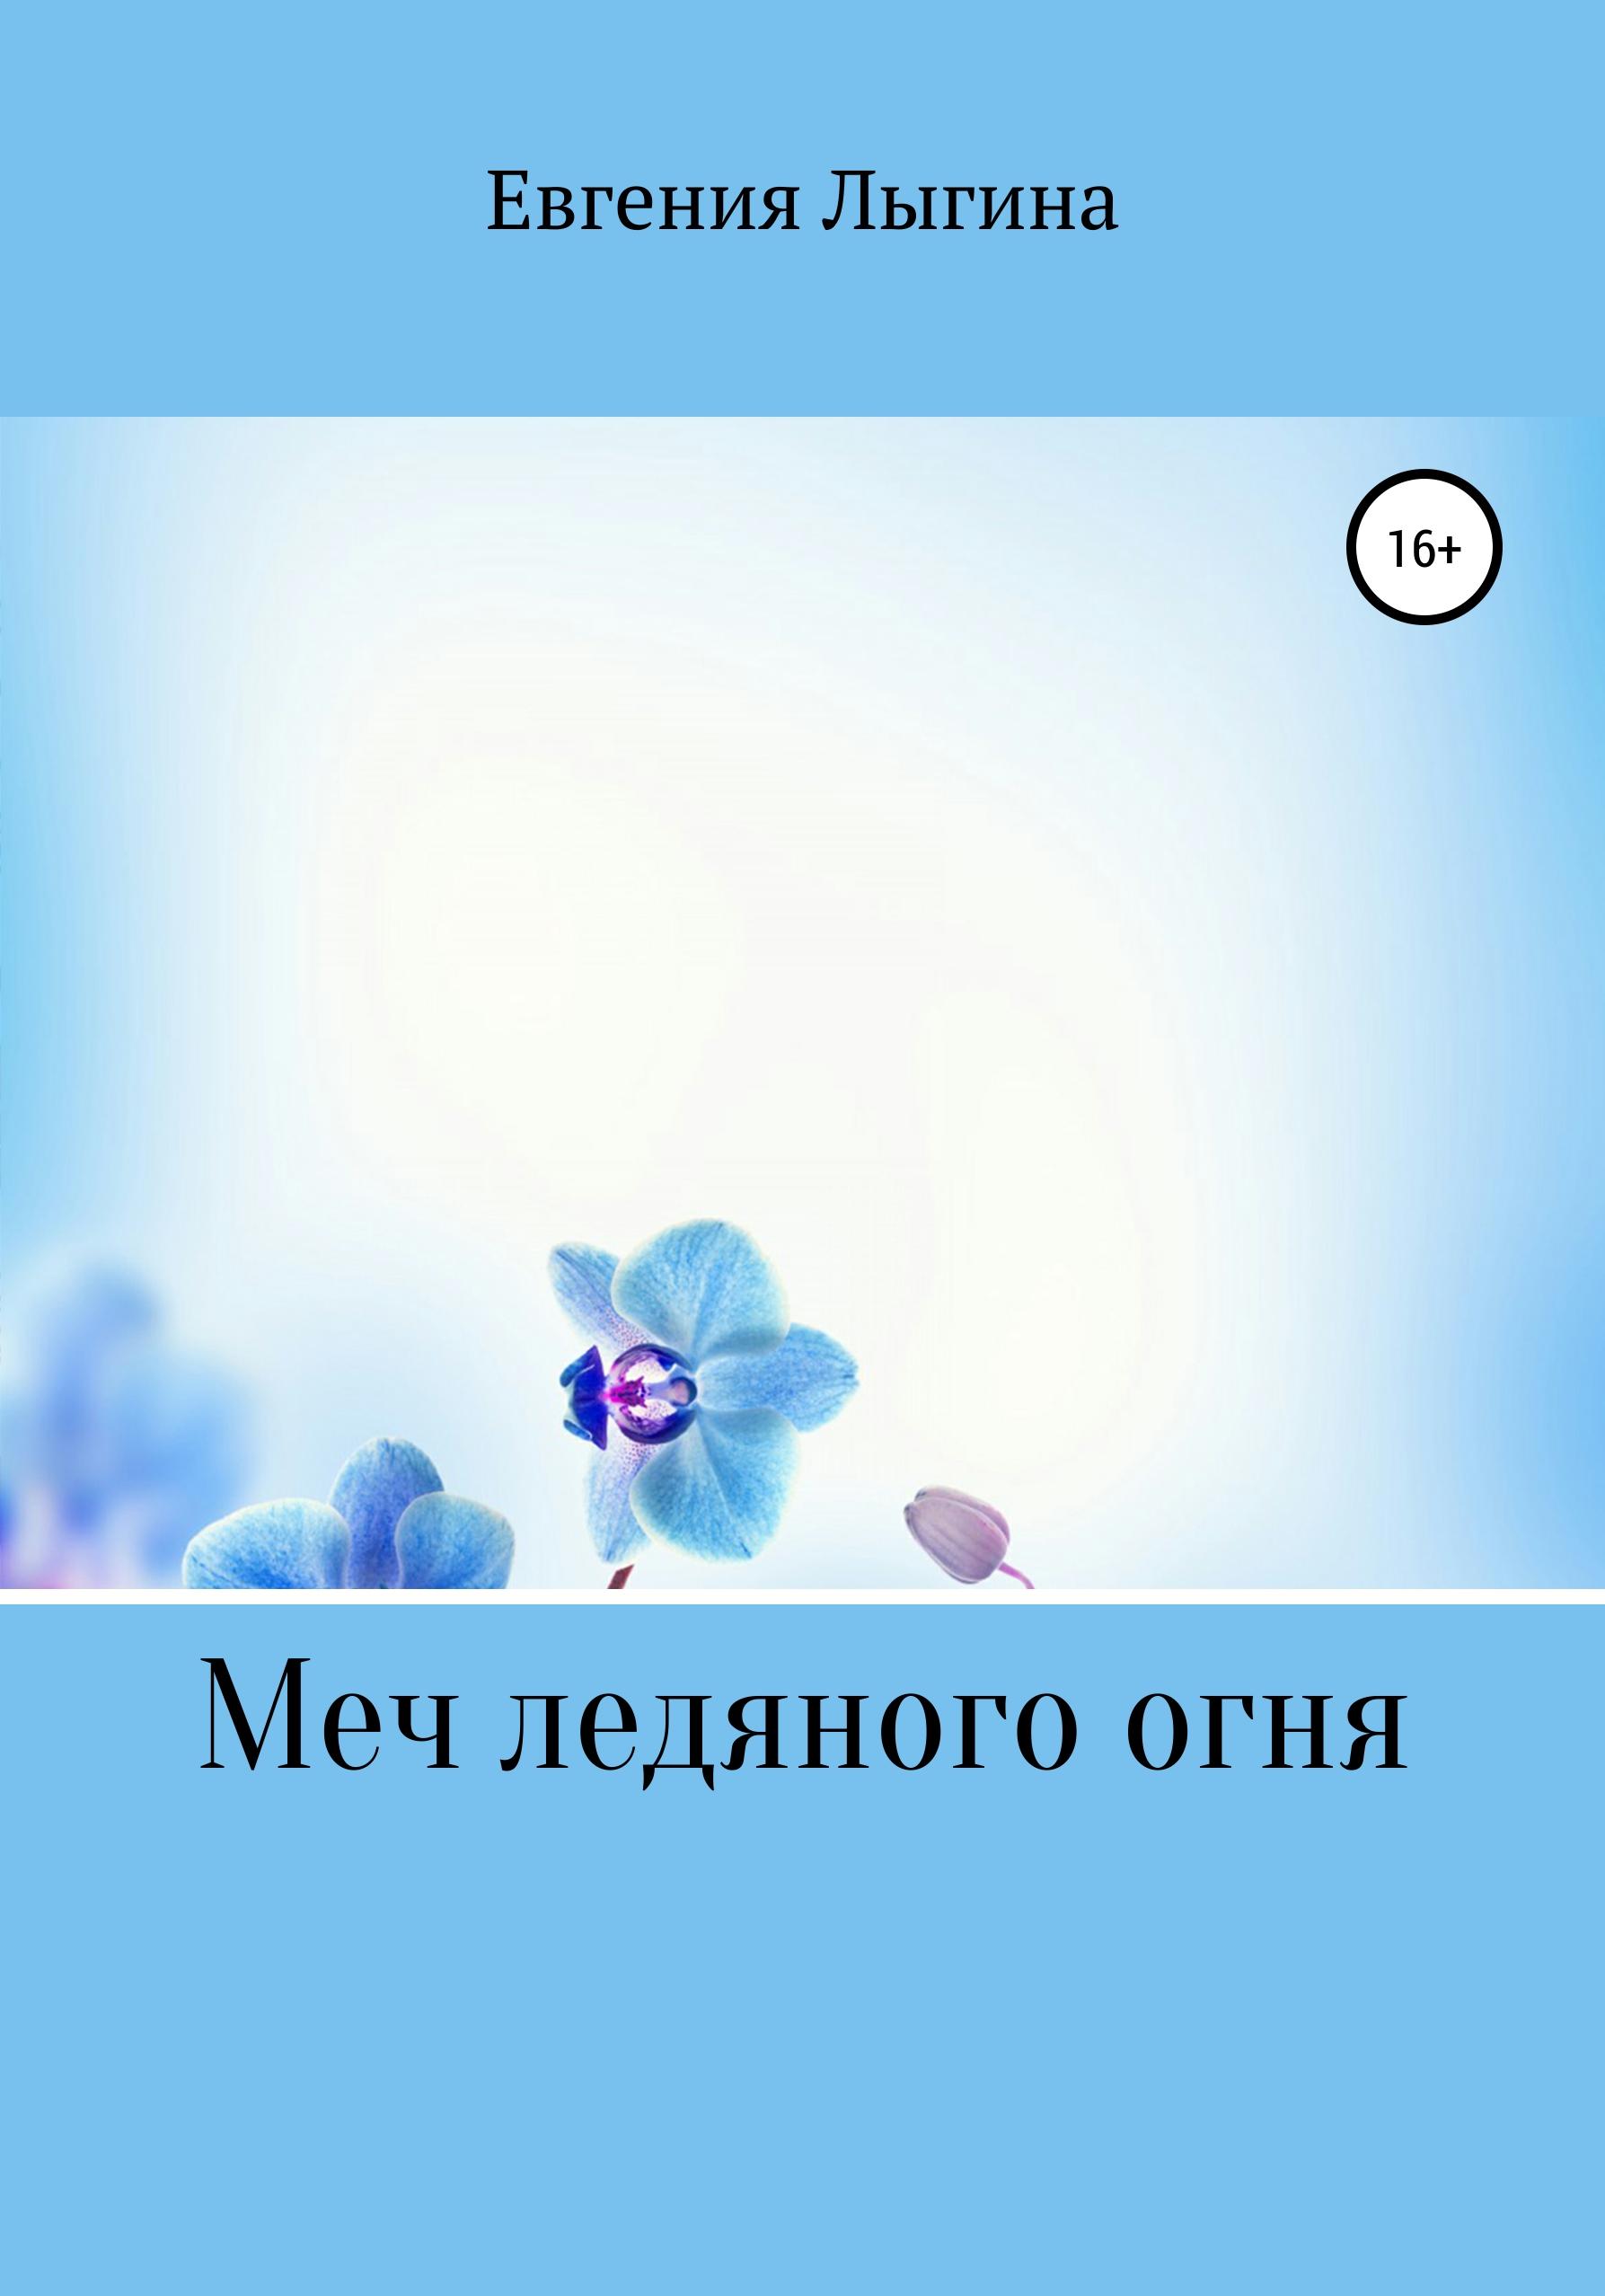 Евгения Лыгина - Меч ледяного огня